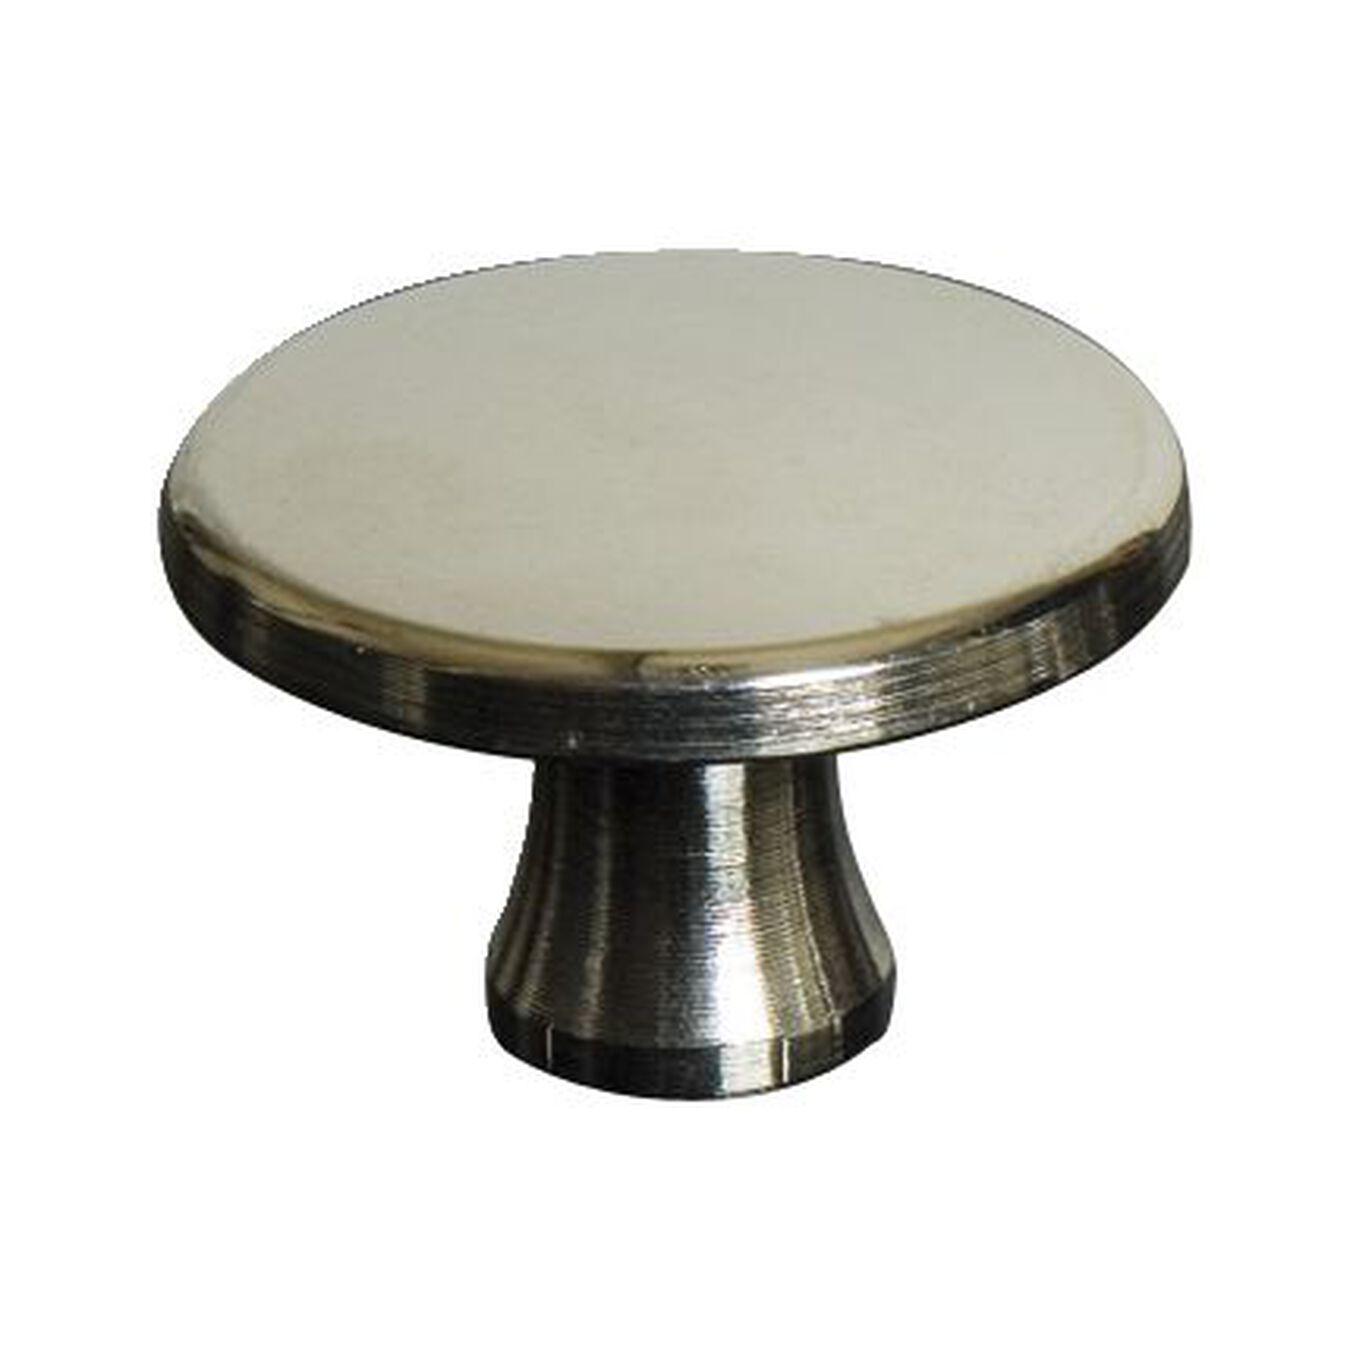 Bouton 3 cm, Nickel,,large 1